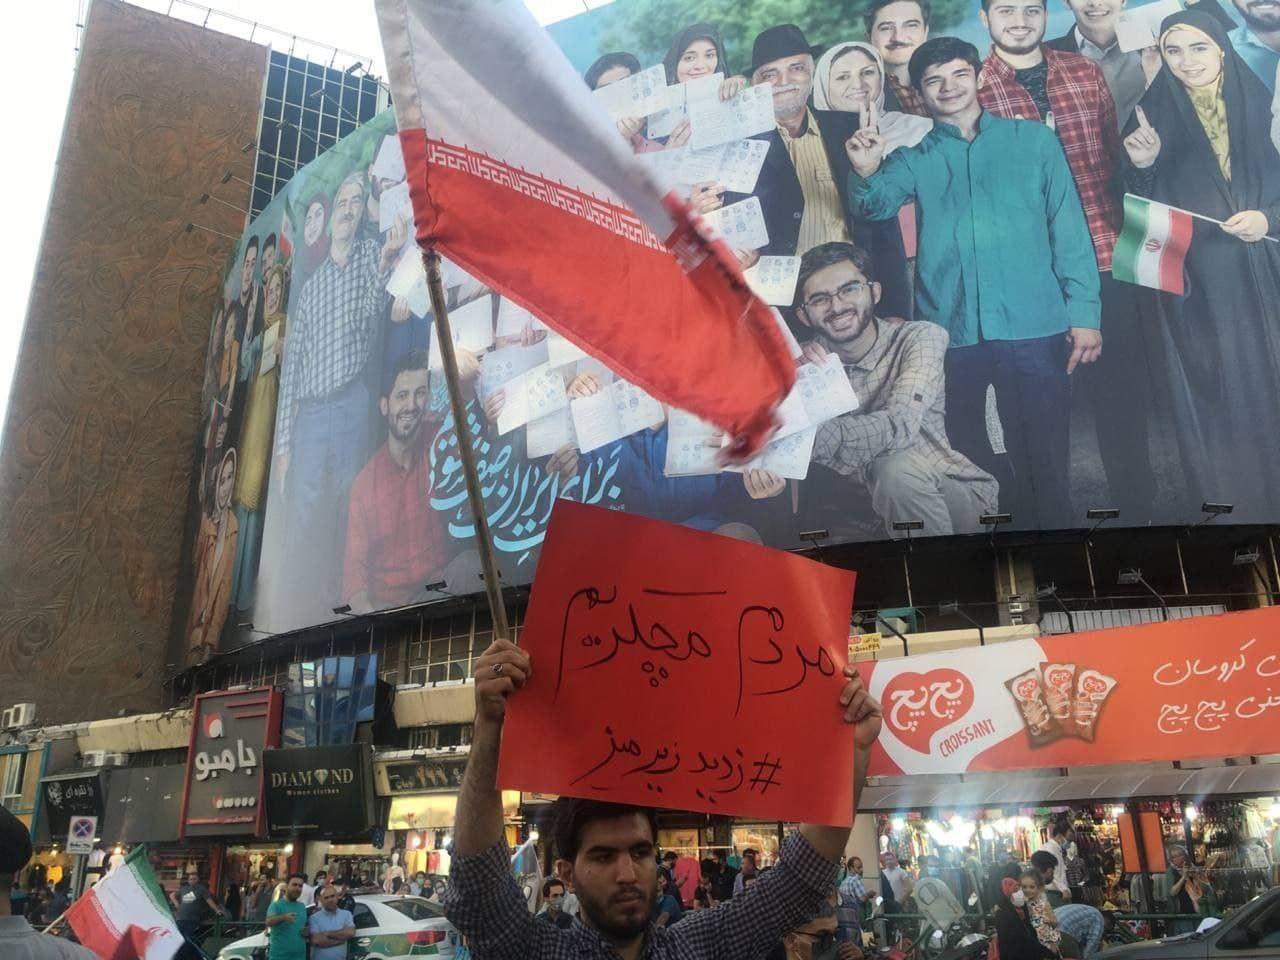 جشن پیروزی هواداران رئیسی در تهران